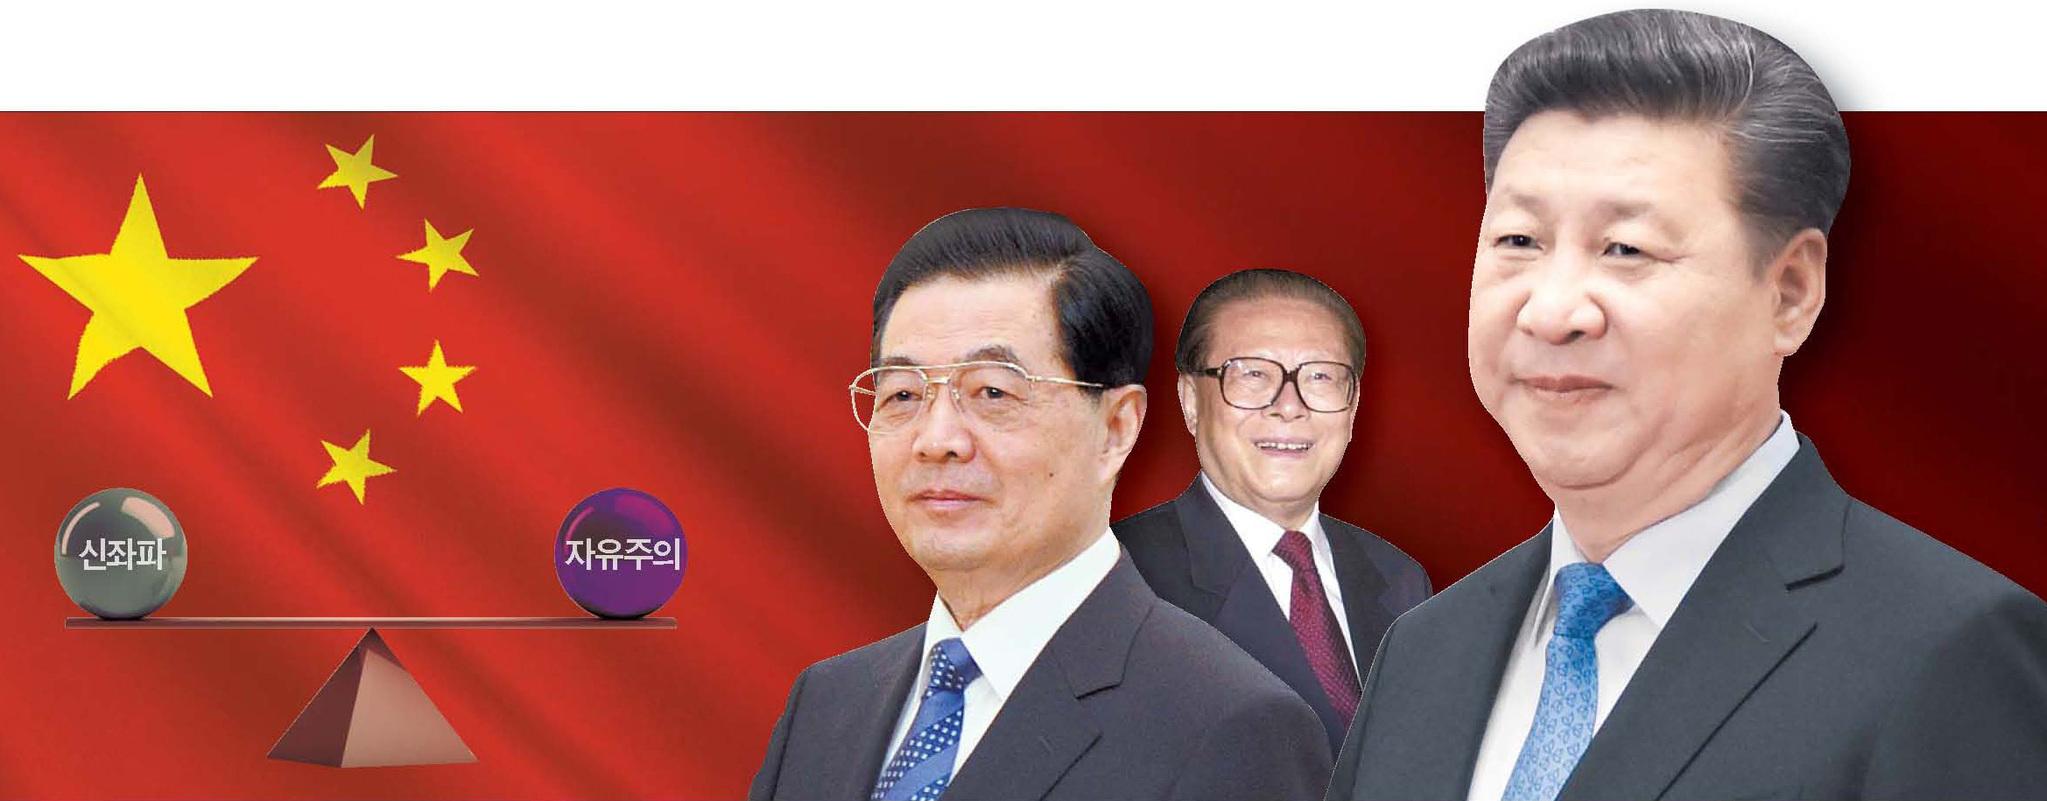 덩샤오핑의 개혁·개방 이후 중국 역대 정권의 정책 노선은 신좌파와 자유주의 주장 사이에서 균형을 잡는 형태로 전개돼 왔다. 왼쪽부터 후진타오·장쩌민 전 주석과 시진핑 주석. [중앙포토]